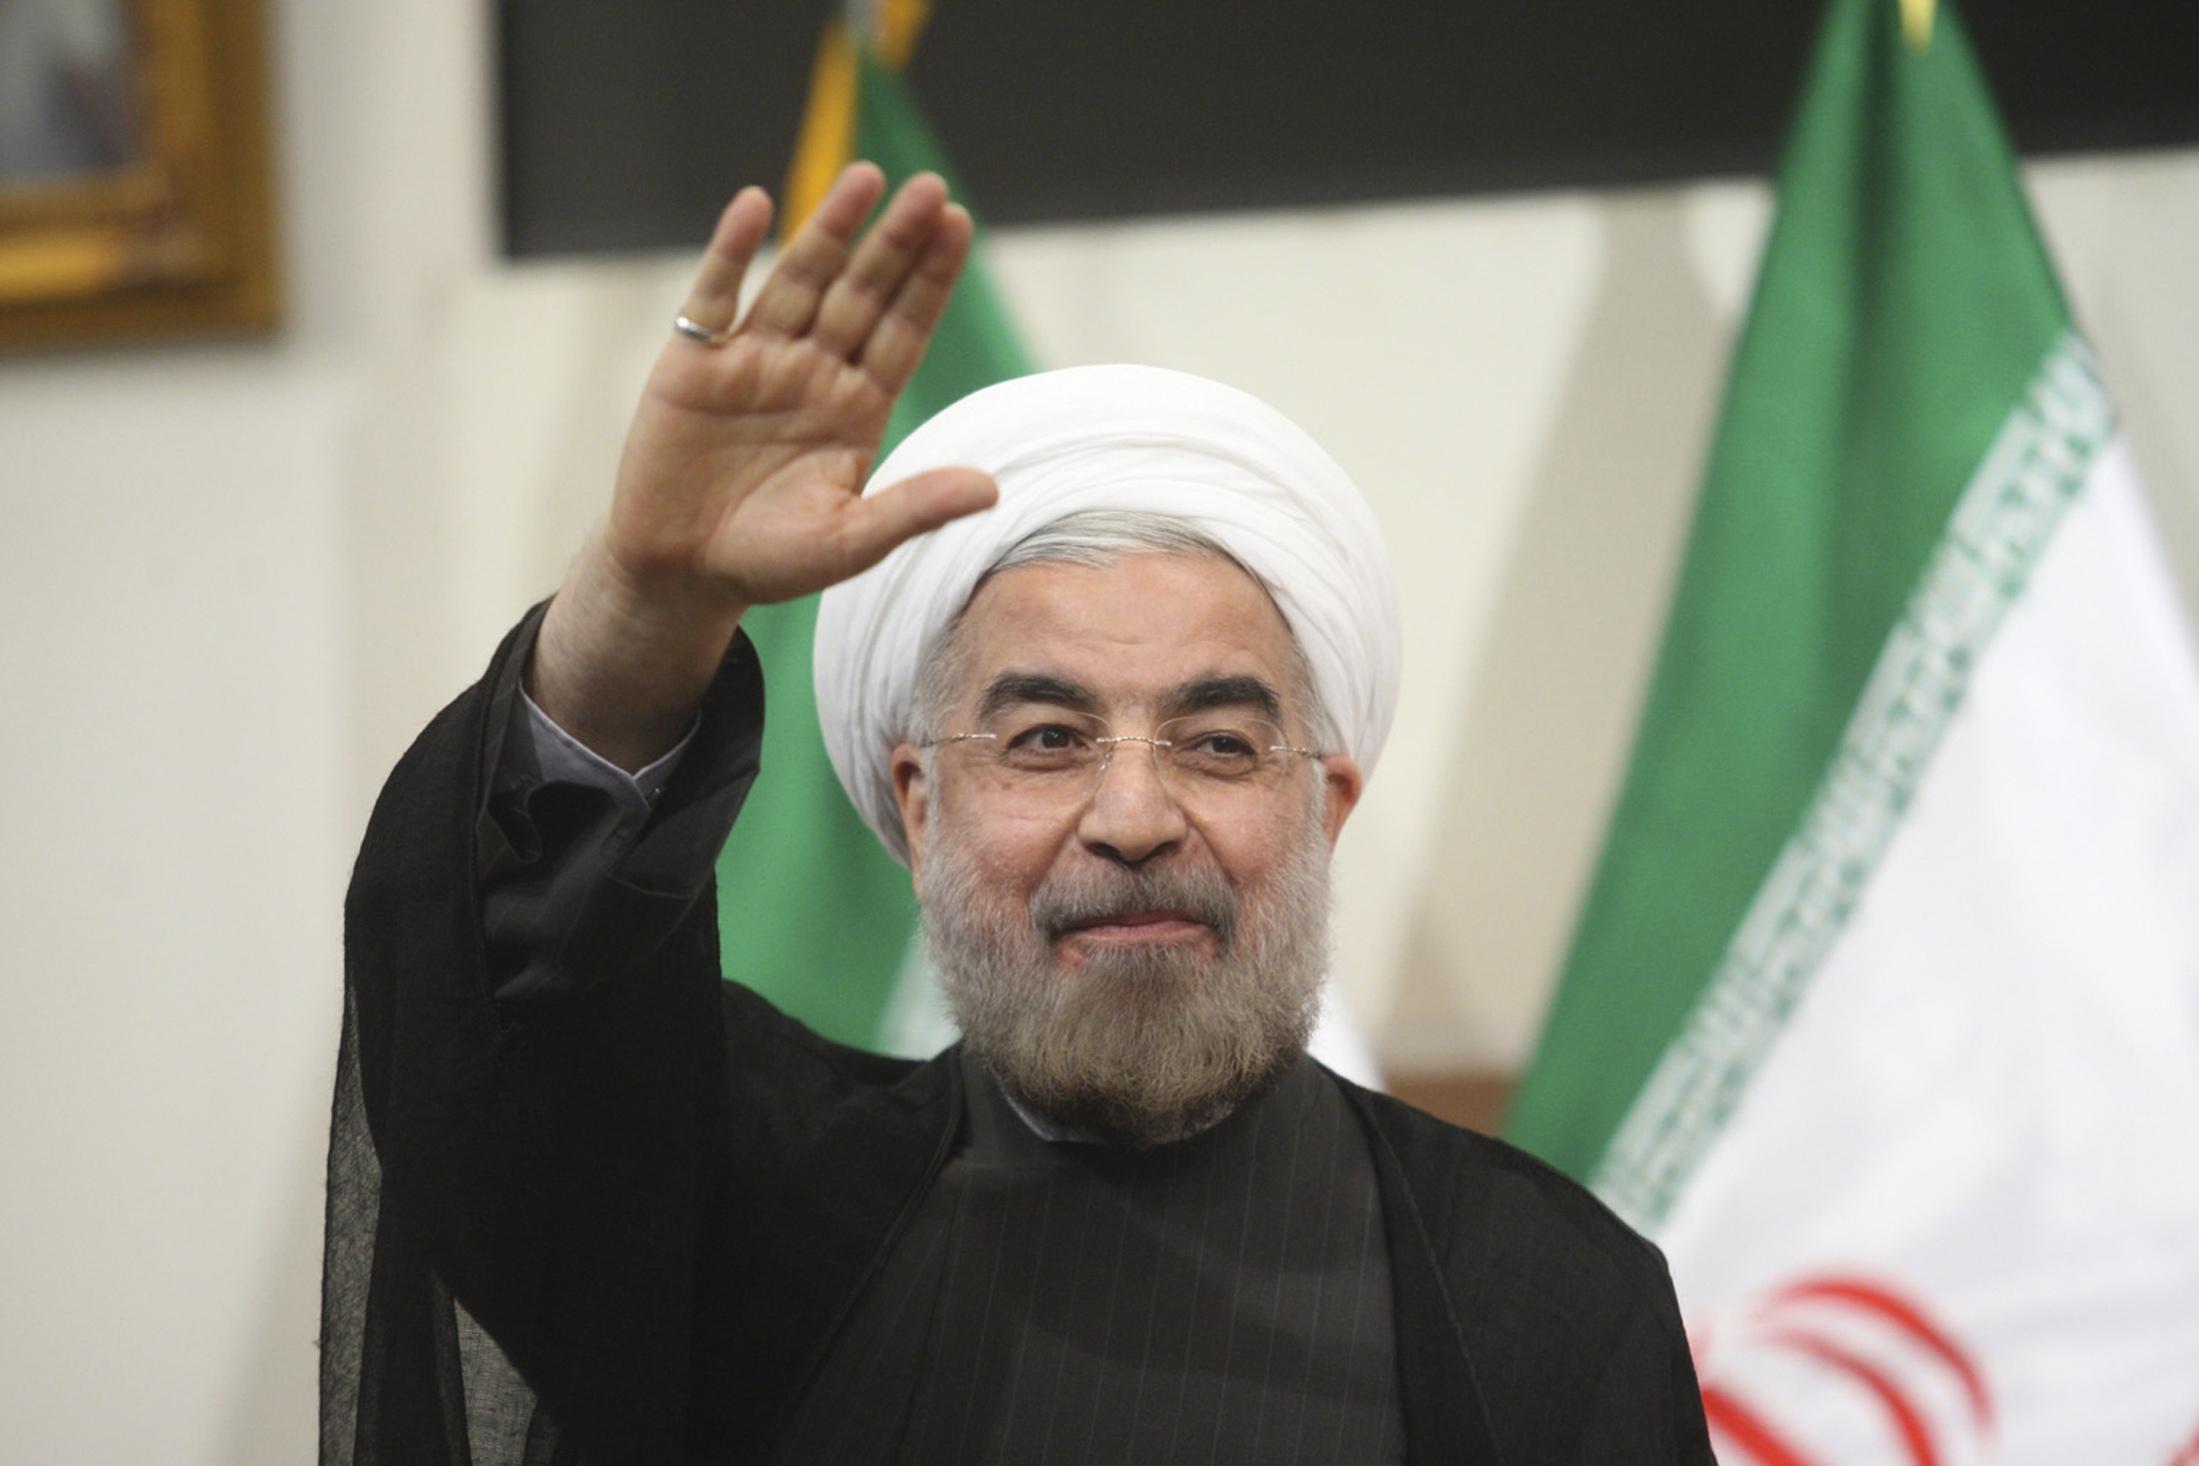 """Discurso del Presidente iraní Rohani tras la firma del acuerdo nuclear: """"Las superpotencias han reconocido a un Irán con capacidad nuclear"""""""